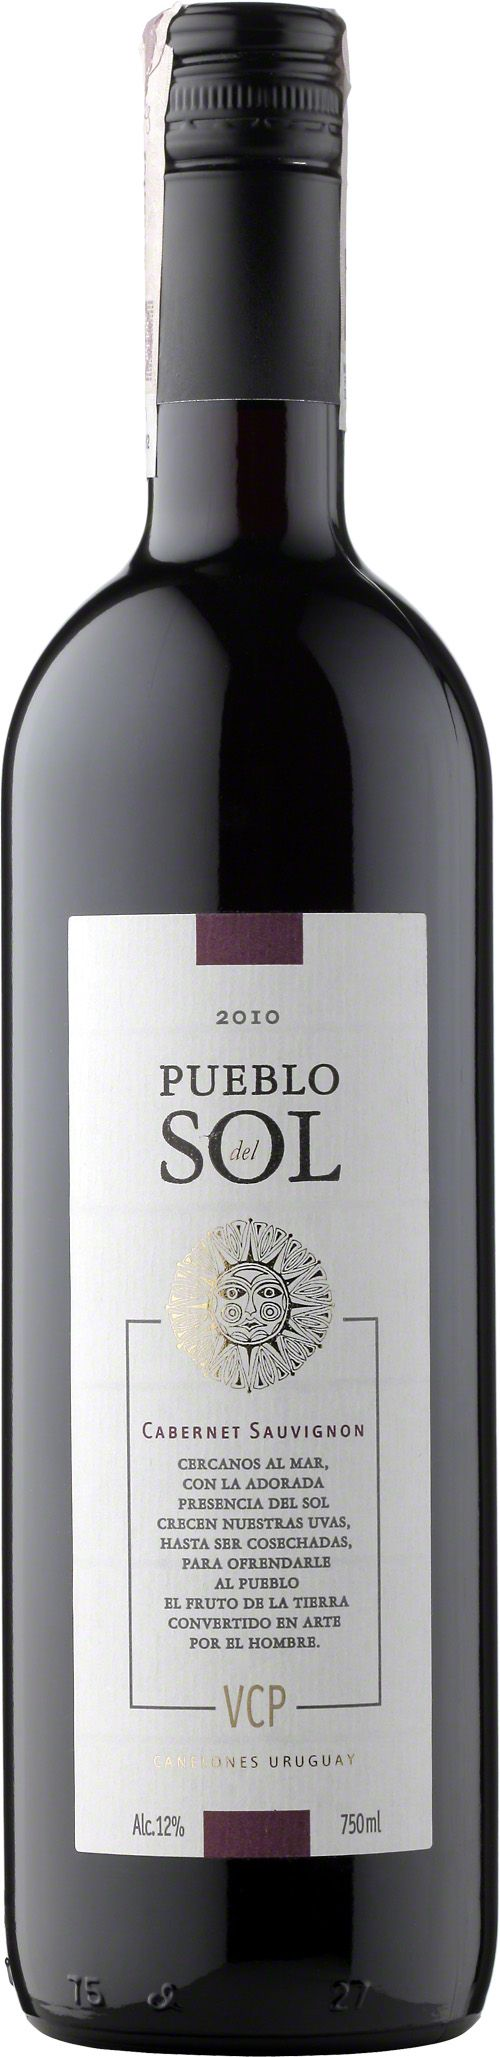 Pueblo del Sol Cabernet Sauvignon Wino o głębokiej rubinowej barwie charakteryzuje się intensywnym aromatem czerwonych owoców i przypraw, co daje niezwykle świeży i łagodny wyraz. Odpowiednia kwasowość oraz aromatyczny długi finisz akcentujący dojrzałość owoców i krągłość tanin. #PuebloDelSol #CabernetSauvignon #Wino #Urugwaj #Winezja #Canelones